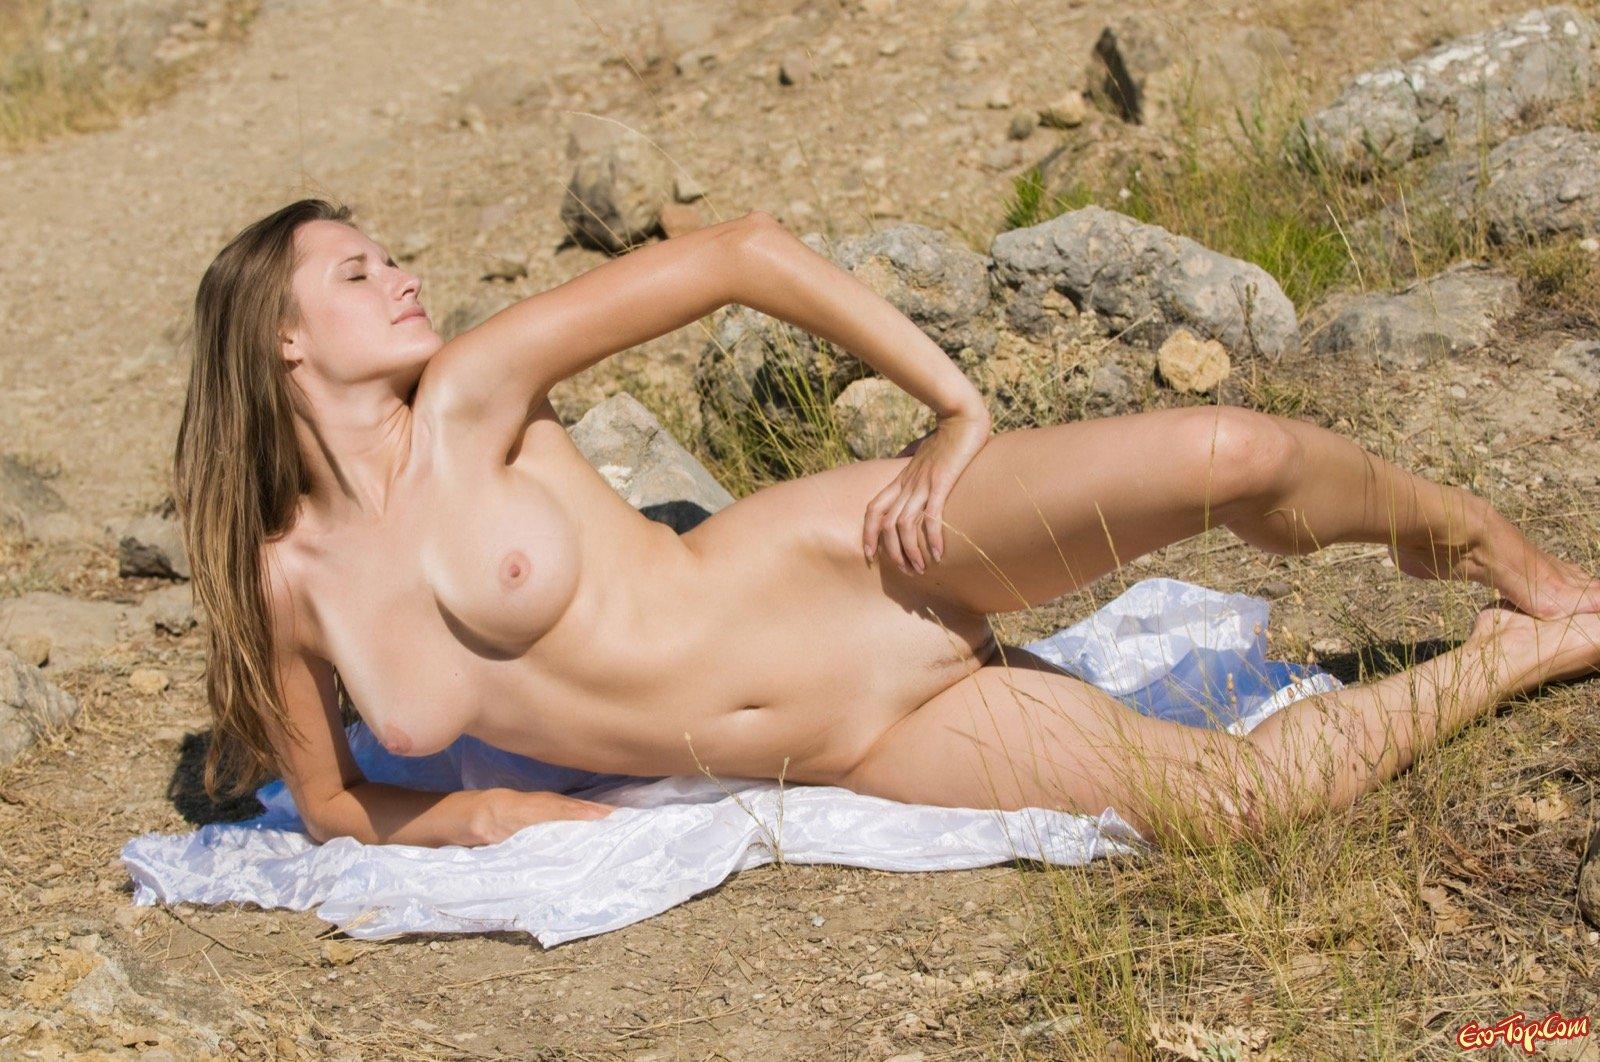 Раздетая сексуальная девушка на природе